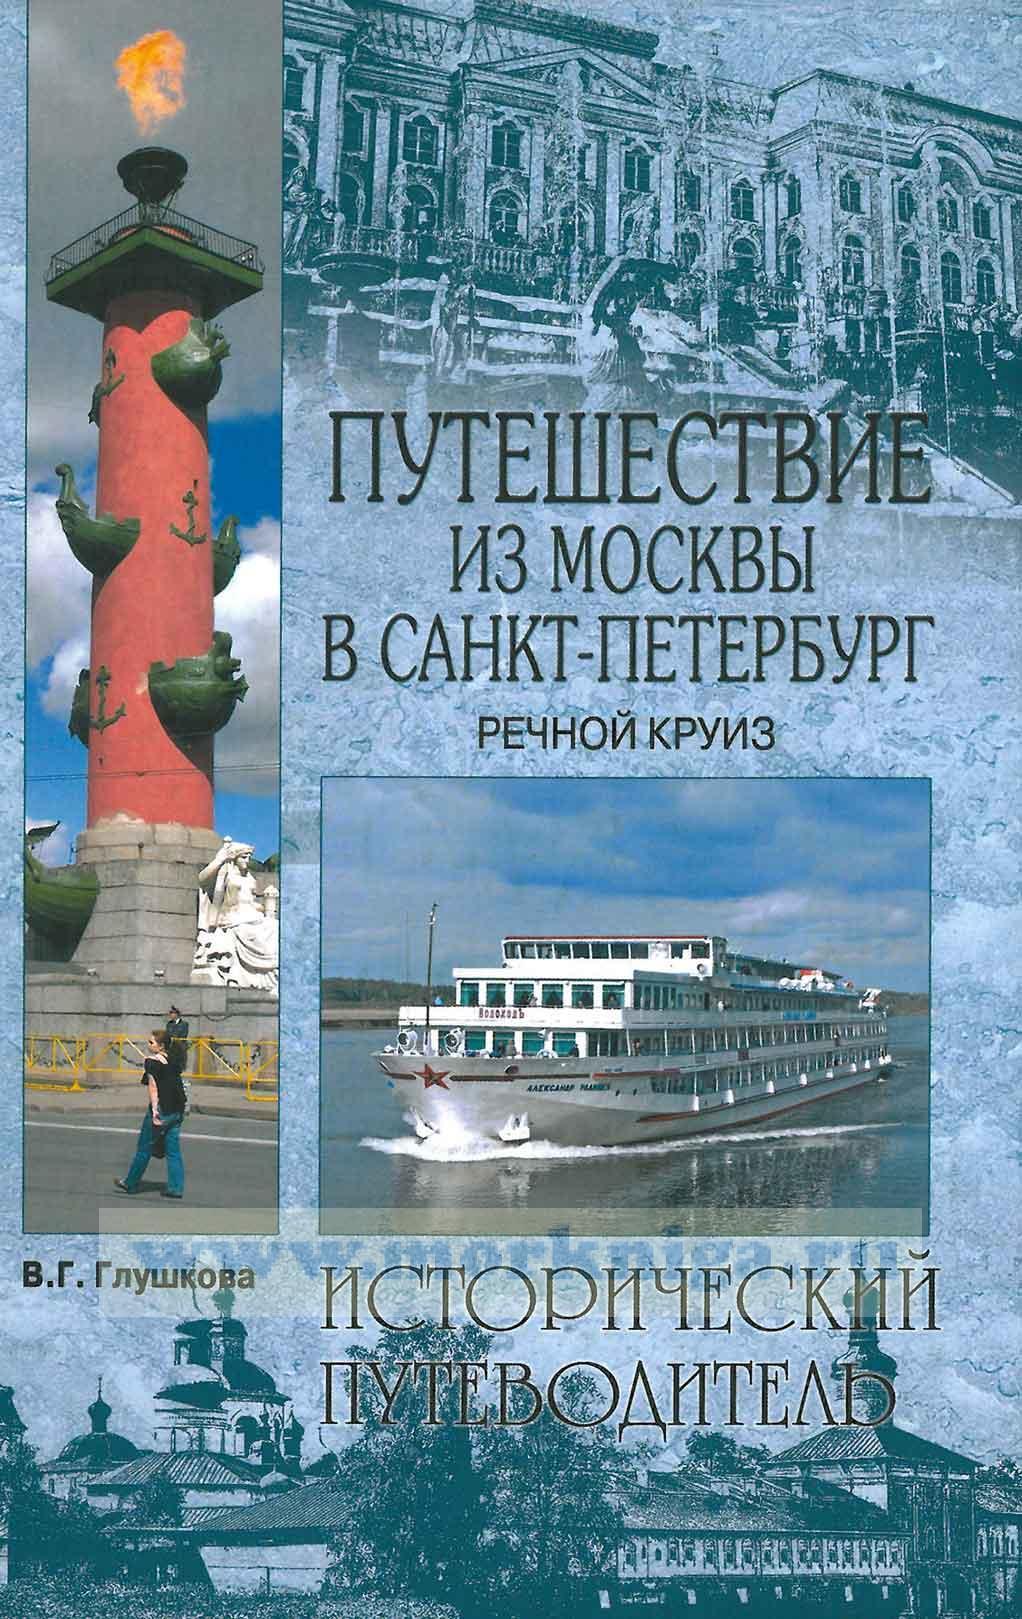 Путешествие из Москвы в Санкт-Петербург. Речной круиз. Исторический путеводитель